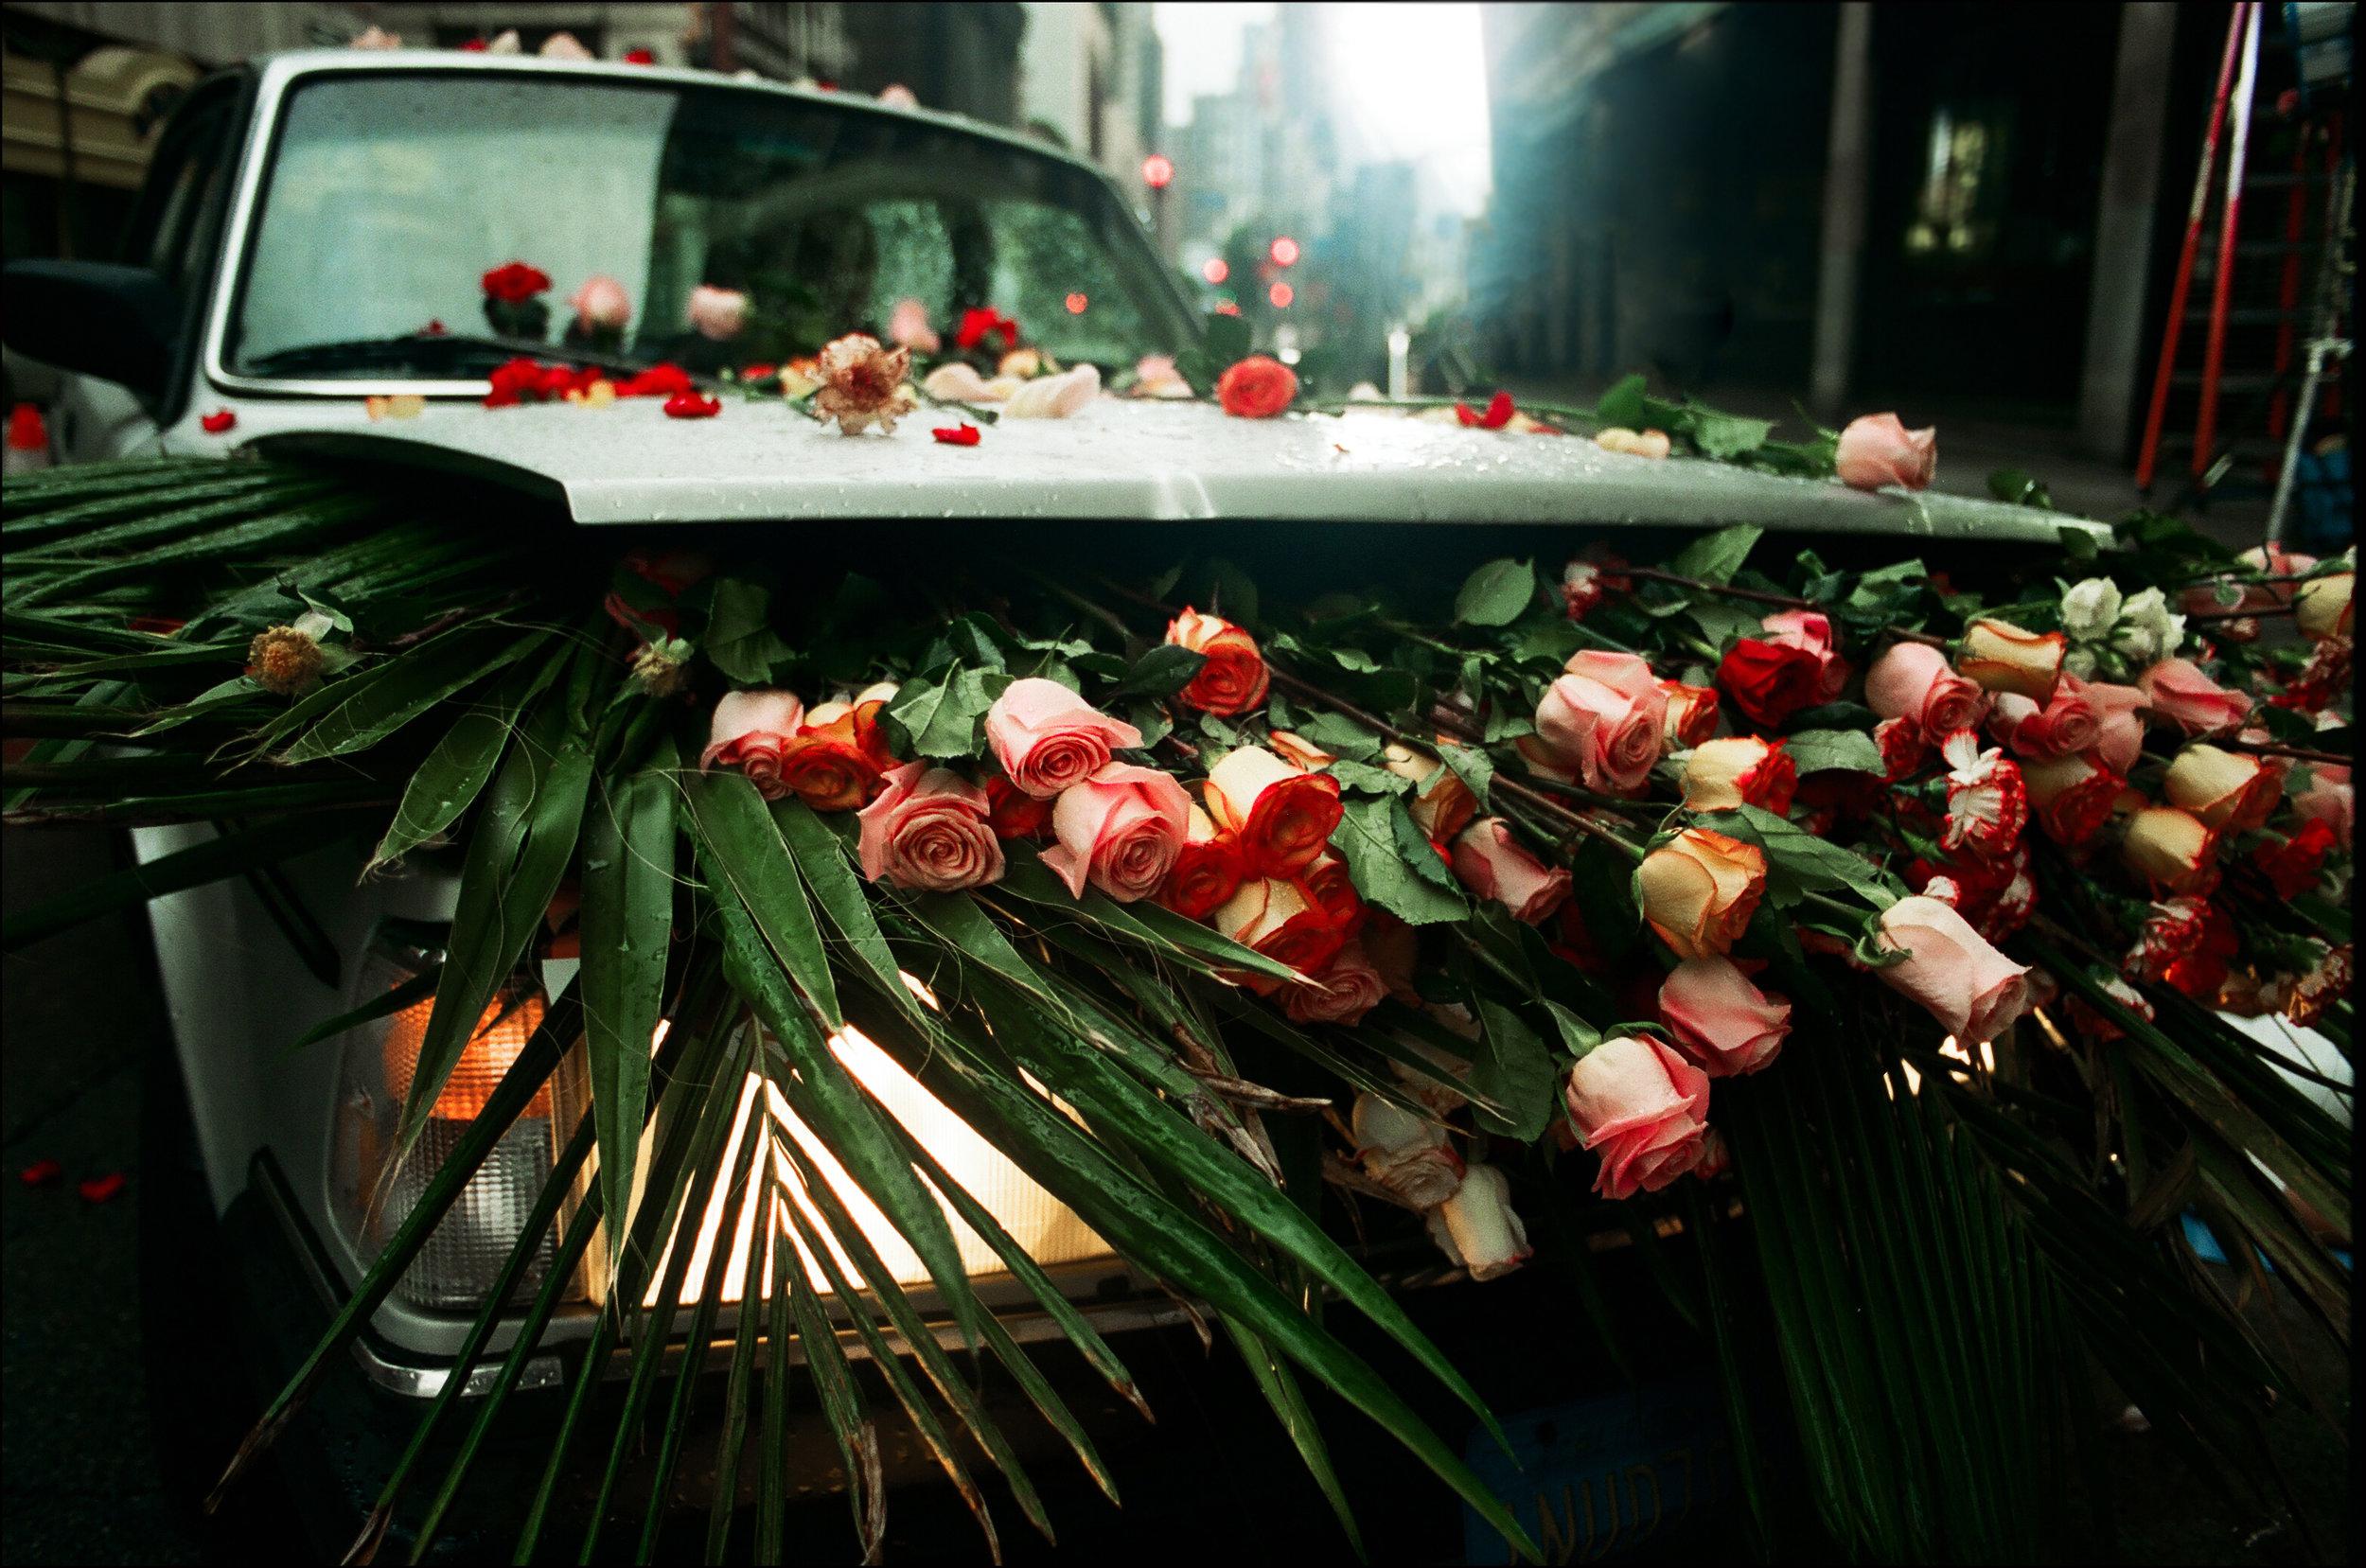 Car n flowers_EDIT.jpg